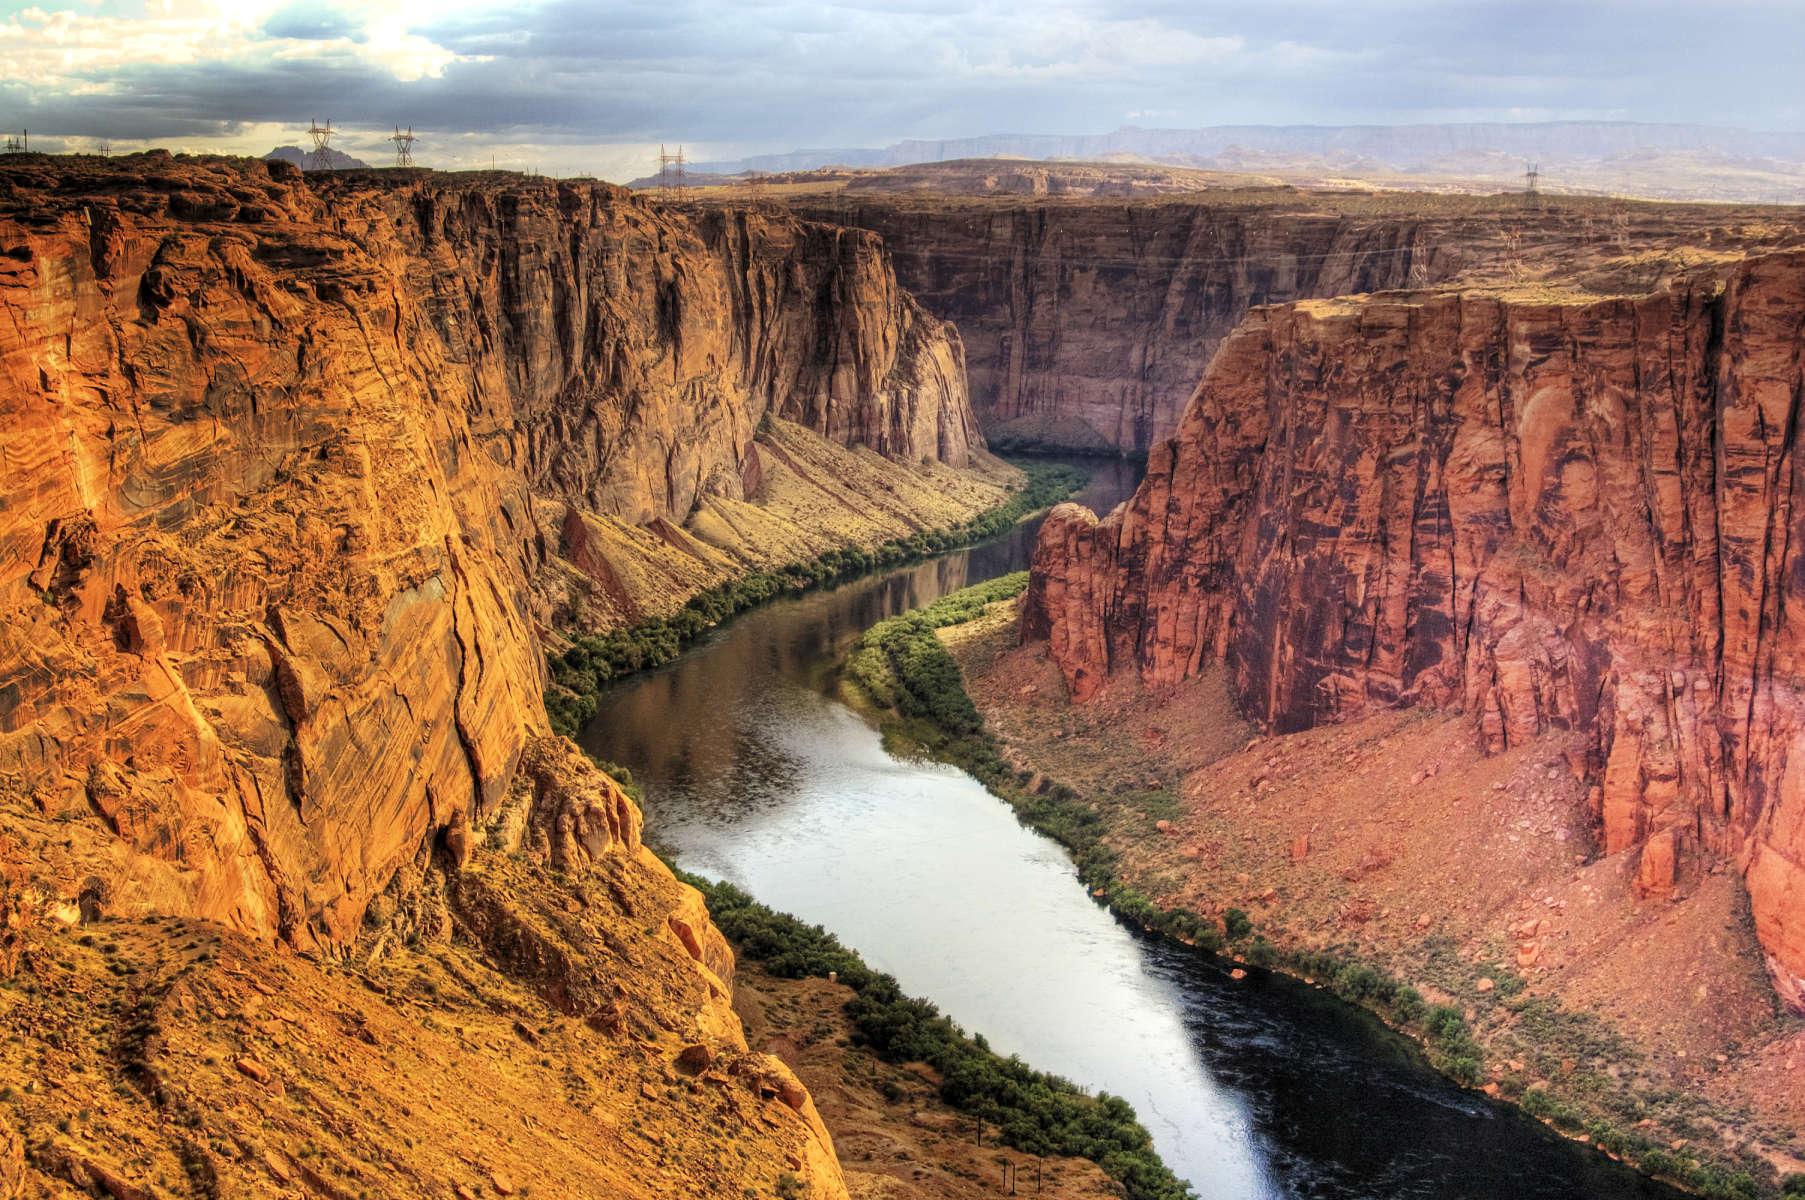 River Of Life, Colorado River, Page, Arizona  № 1781719 загрузить